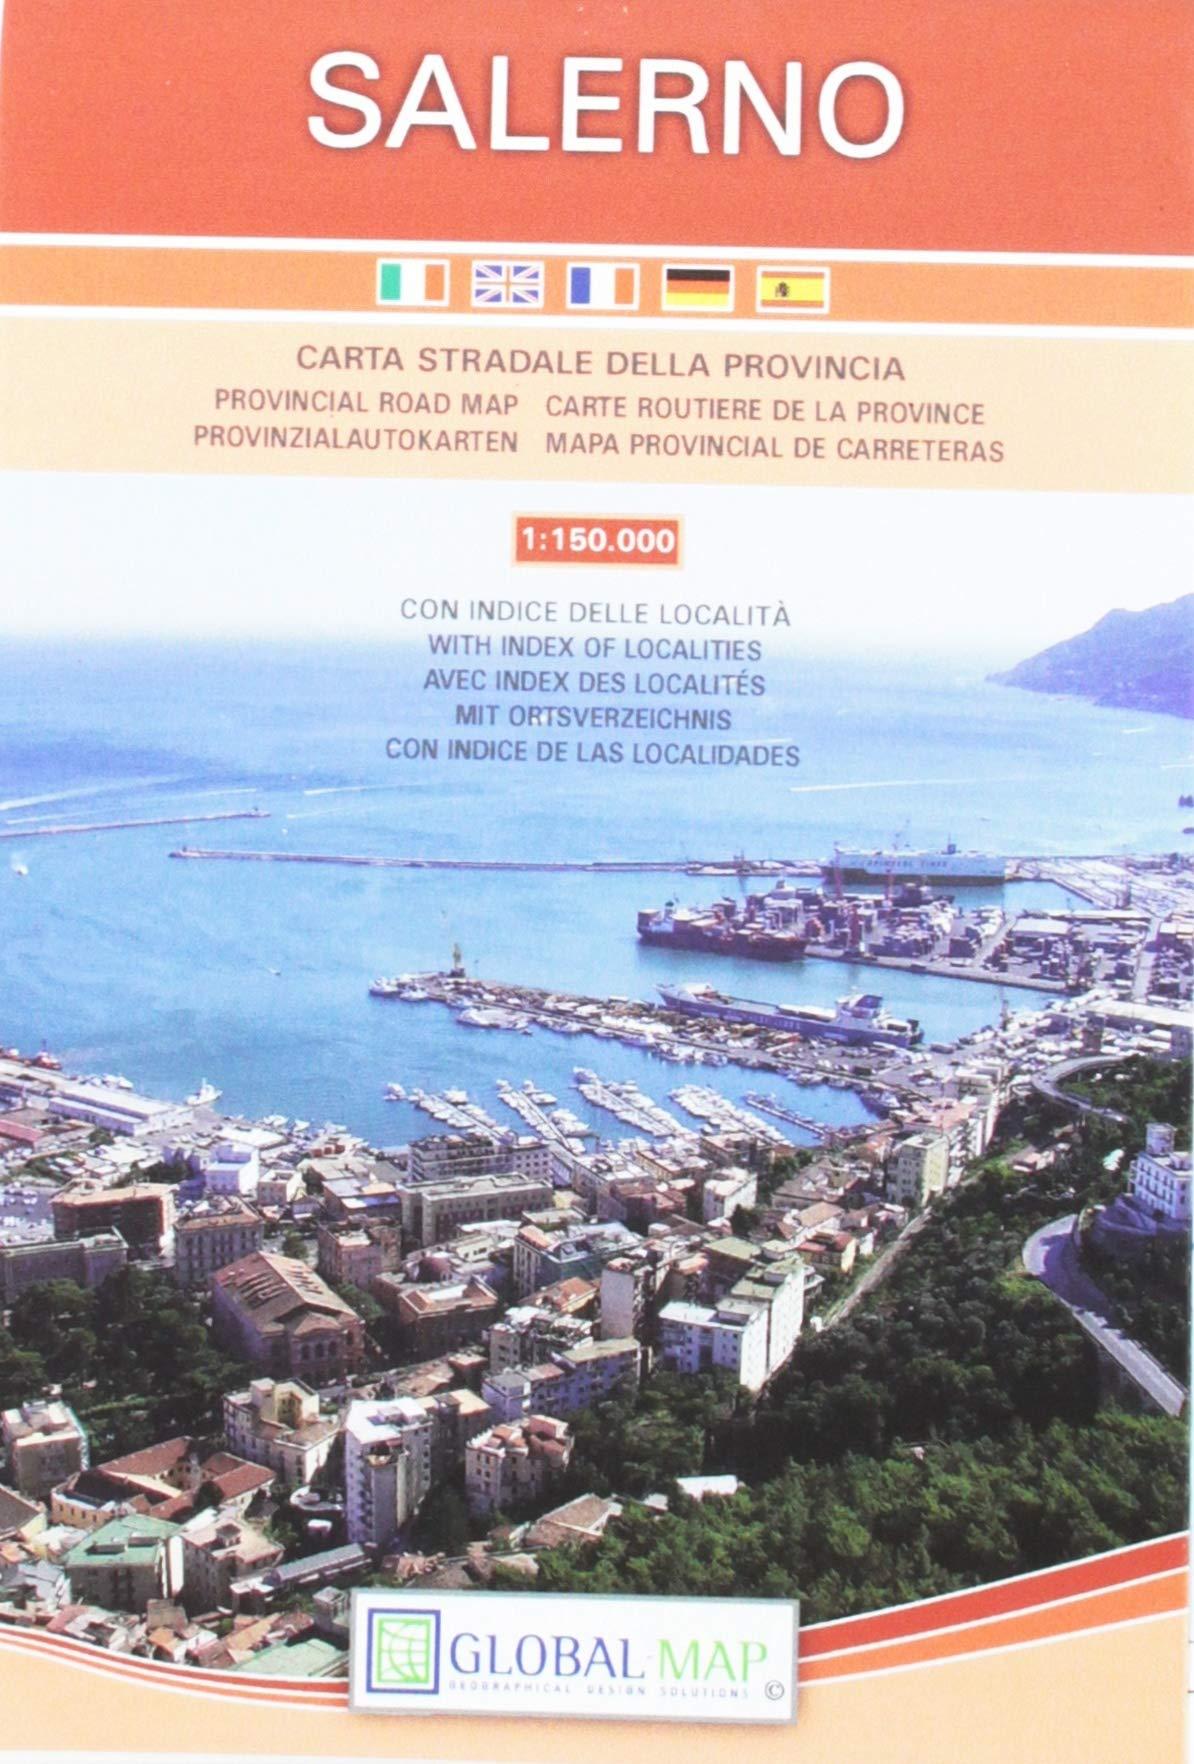 Salerno Italy Provincial Road Map Carta Stradale Della